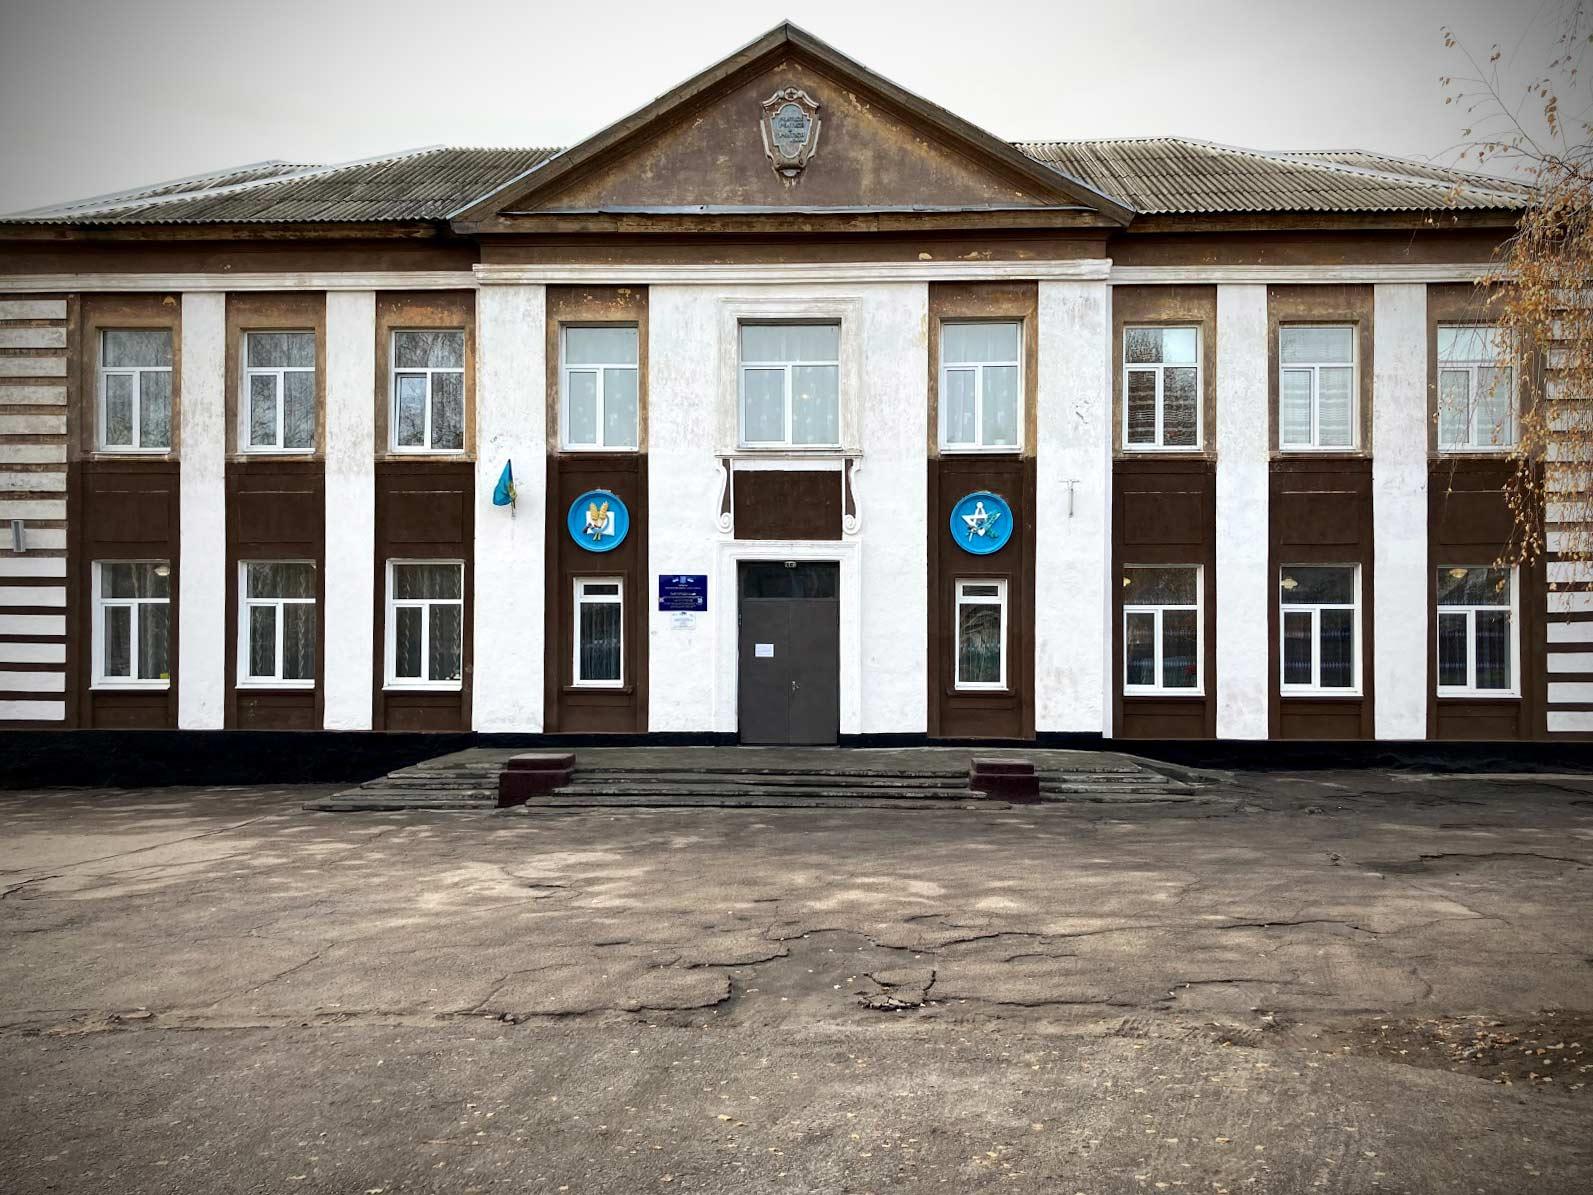 raigorodok 04 - <b>Сонце України встає на Донбасі.</b> Особистий репортаж з містечка Райгородок - Заборона